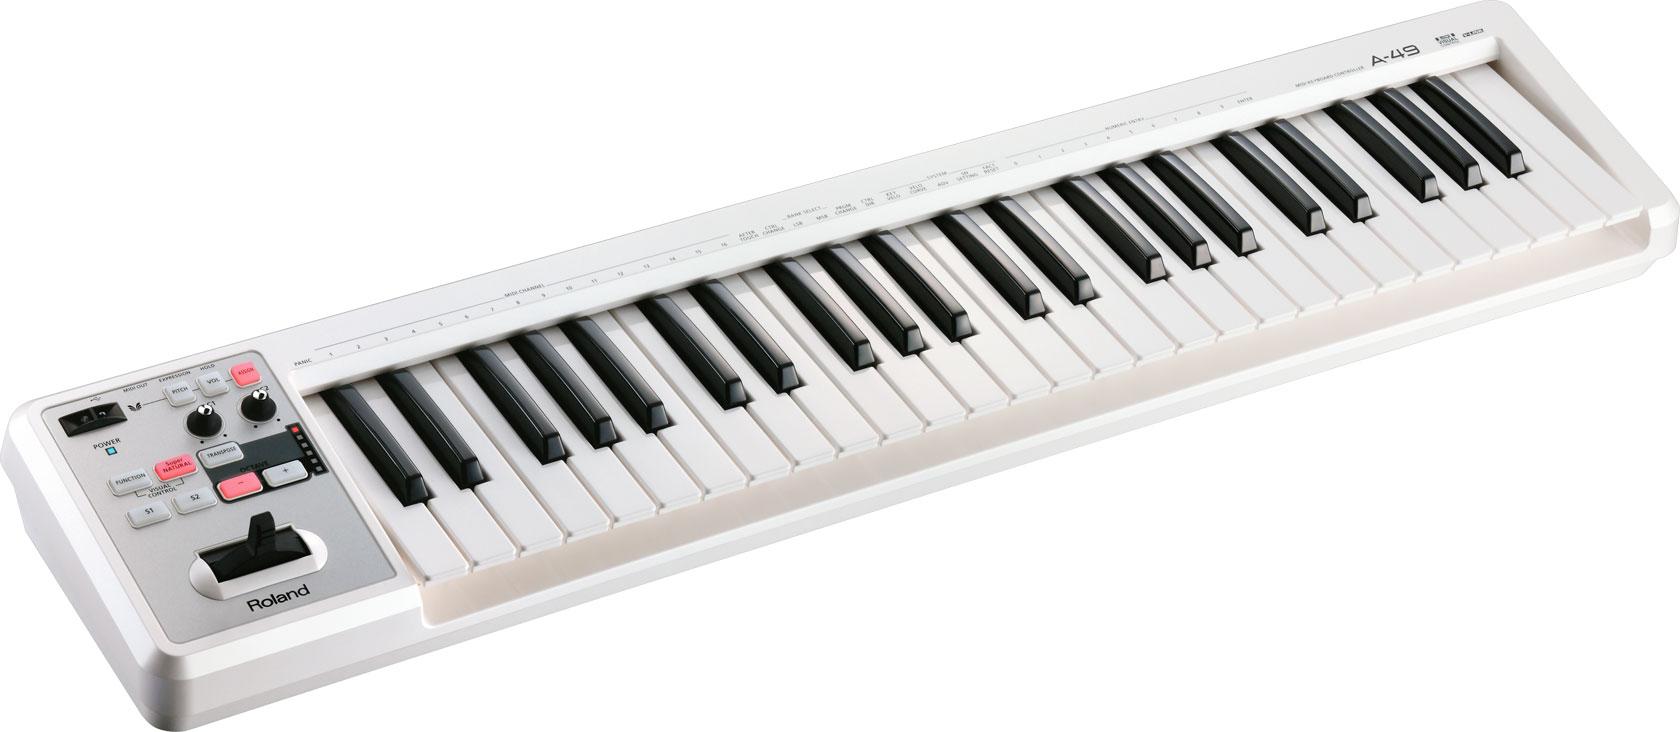 罗兰 Roland A-49 A49 MIDI键盘控制器